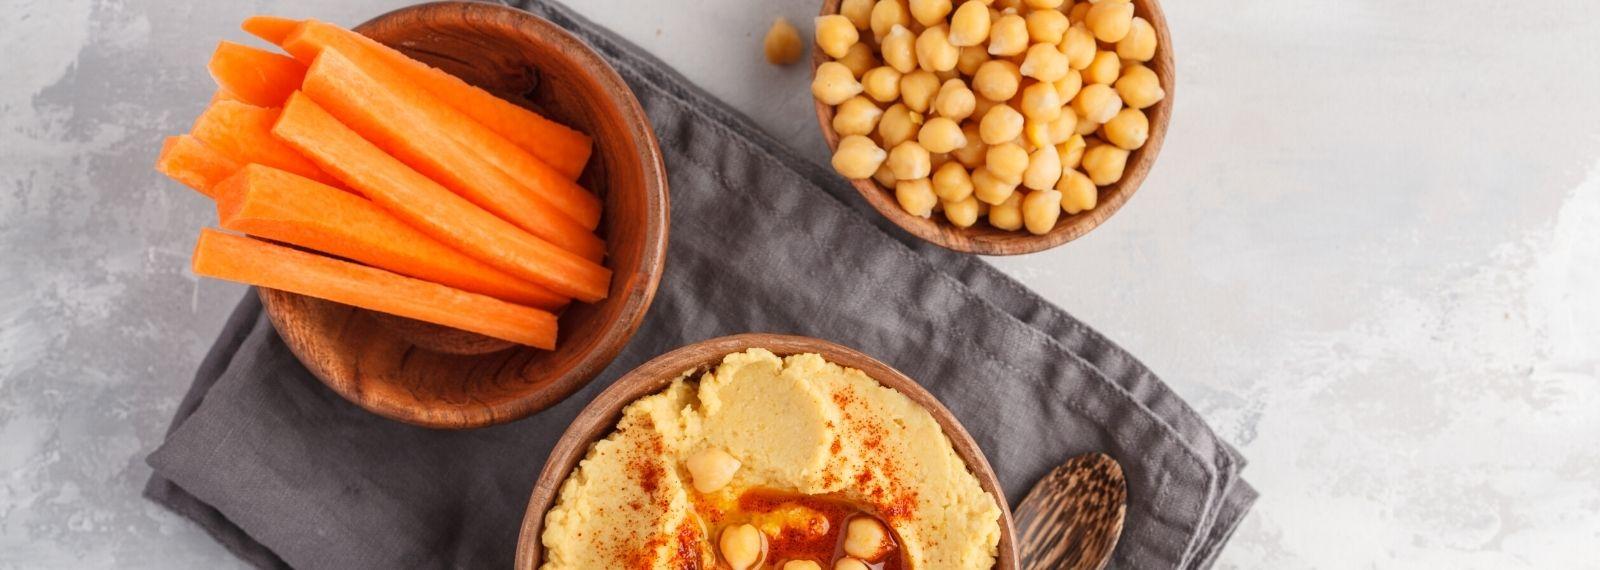 Karotten mit Hummus gesunder Snack